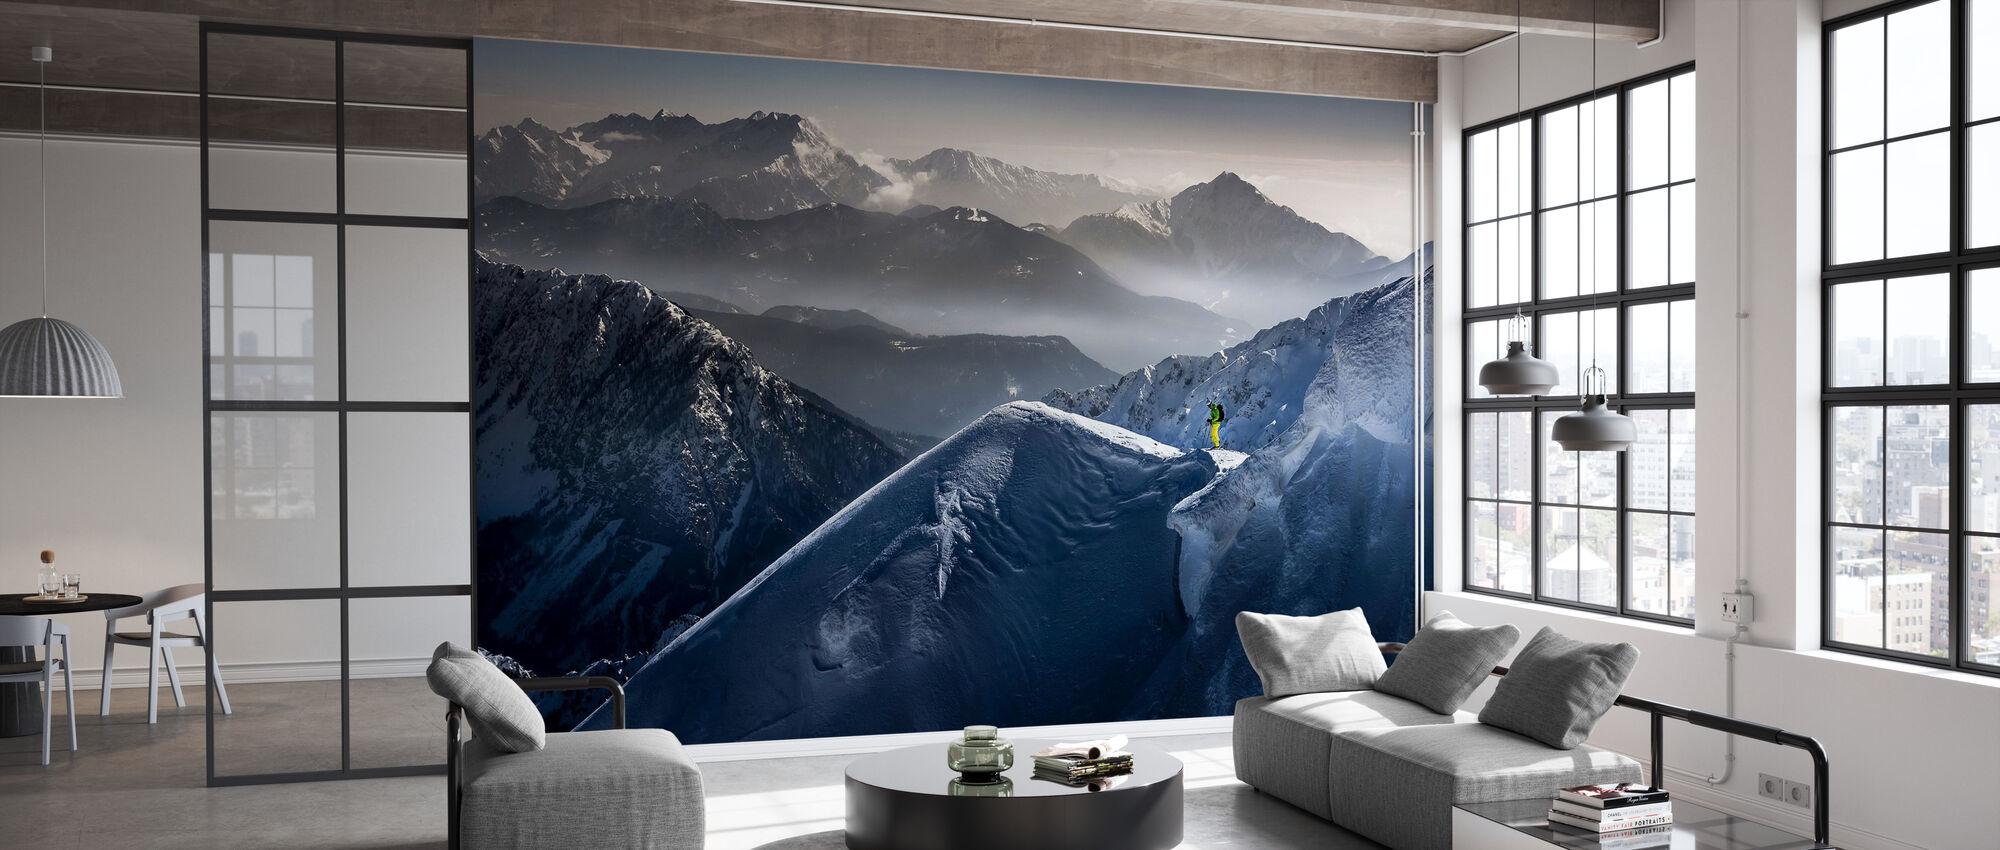 Skieur sur le sommet de la montagne - Papier peint - Bureau